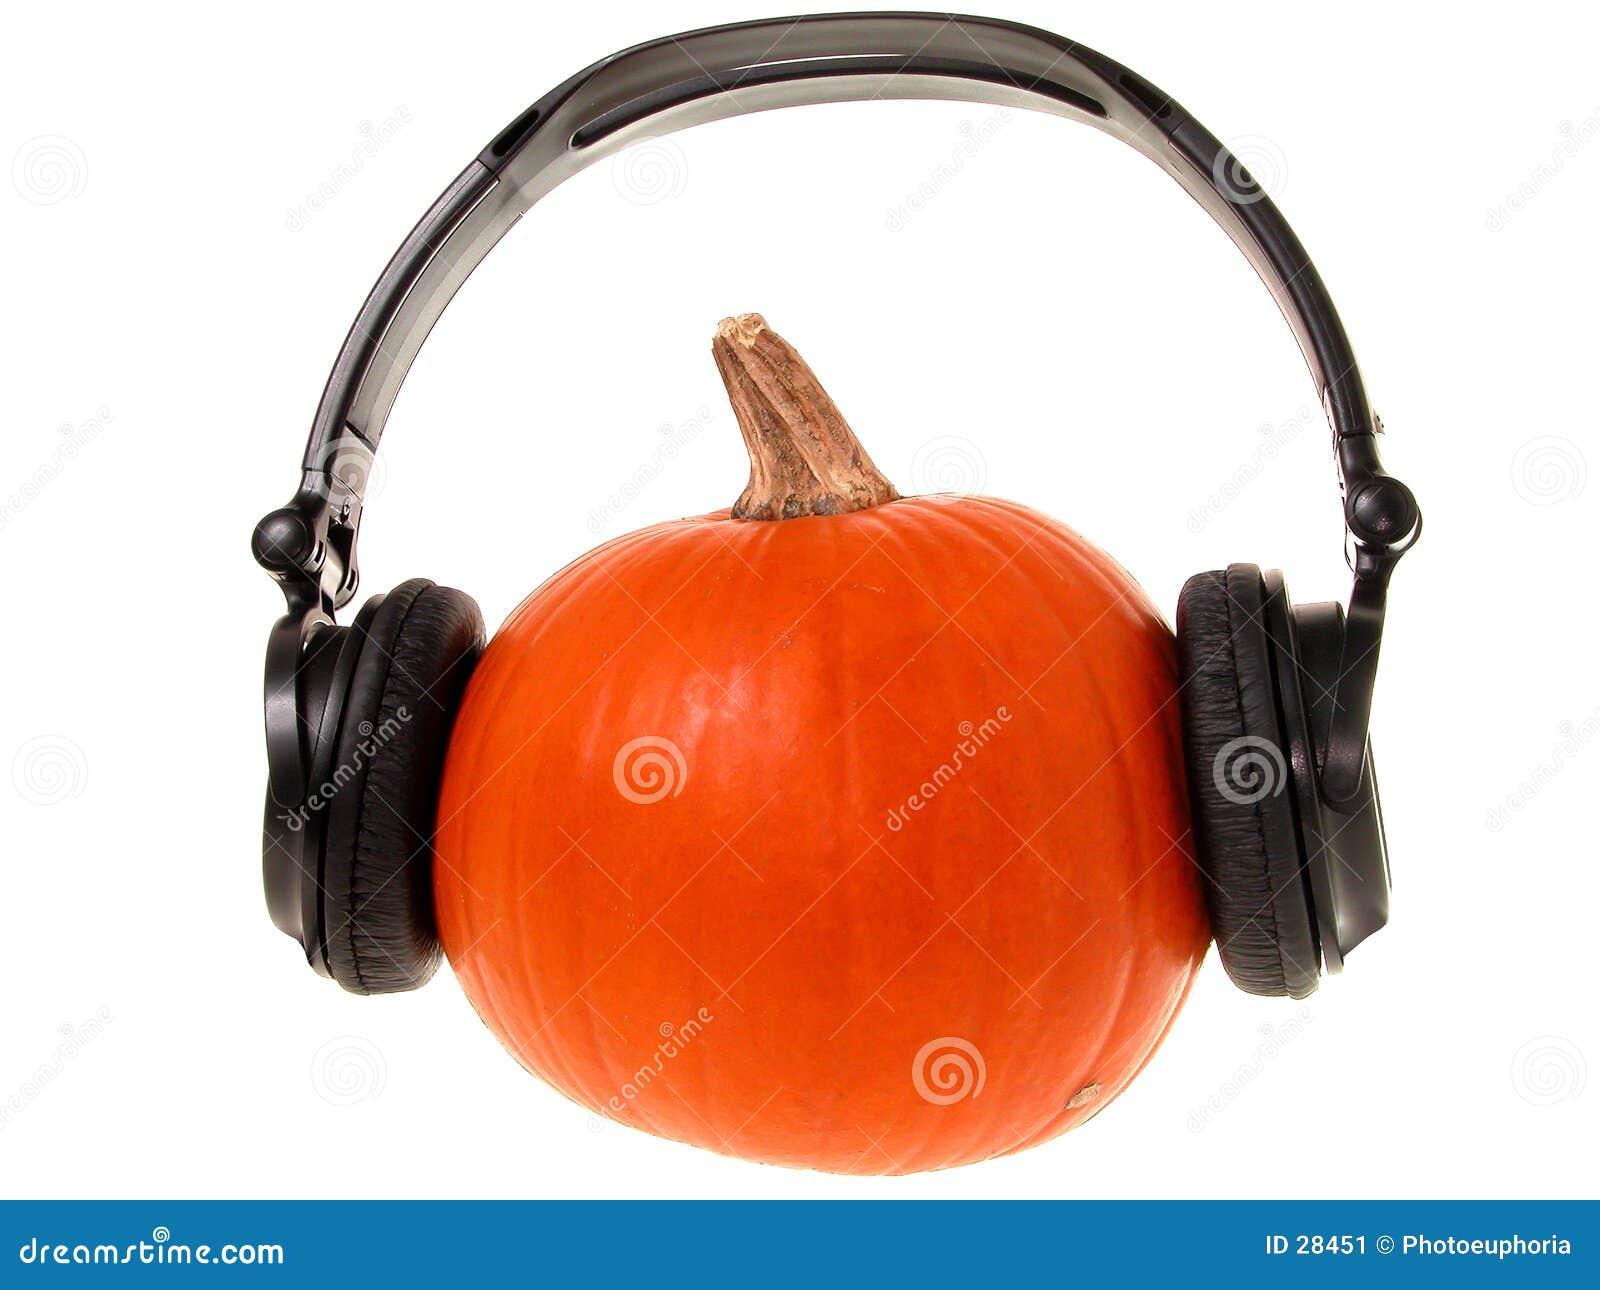 Pumpkin Head with Headphones (1 of 2)